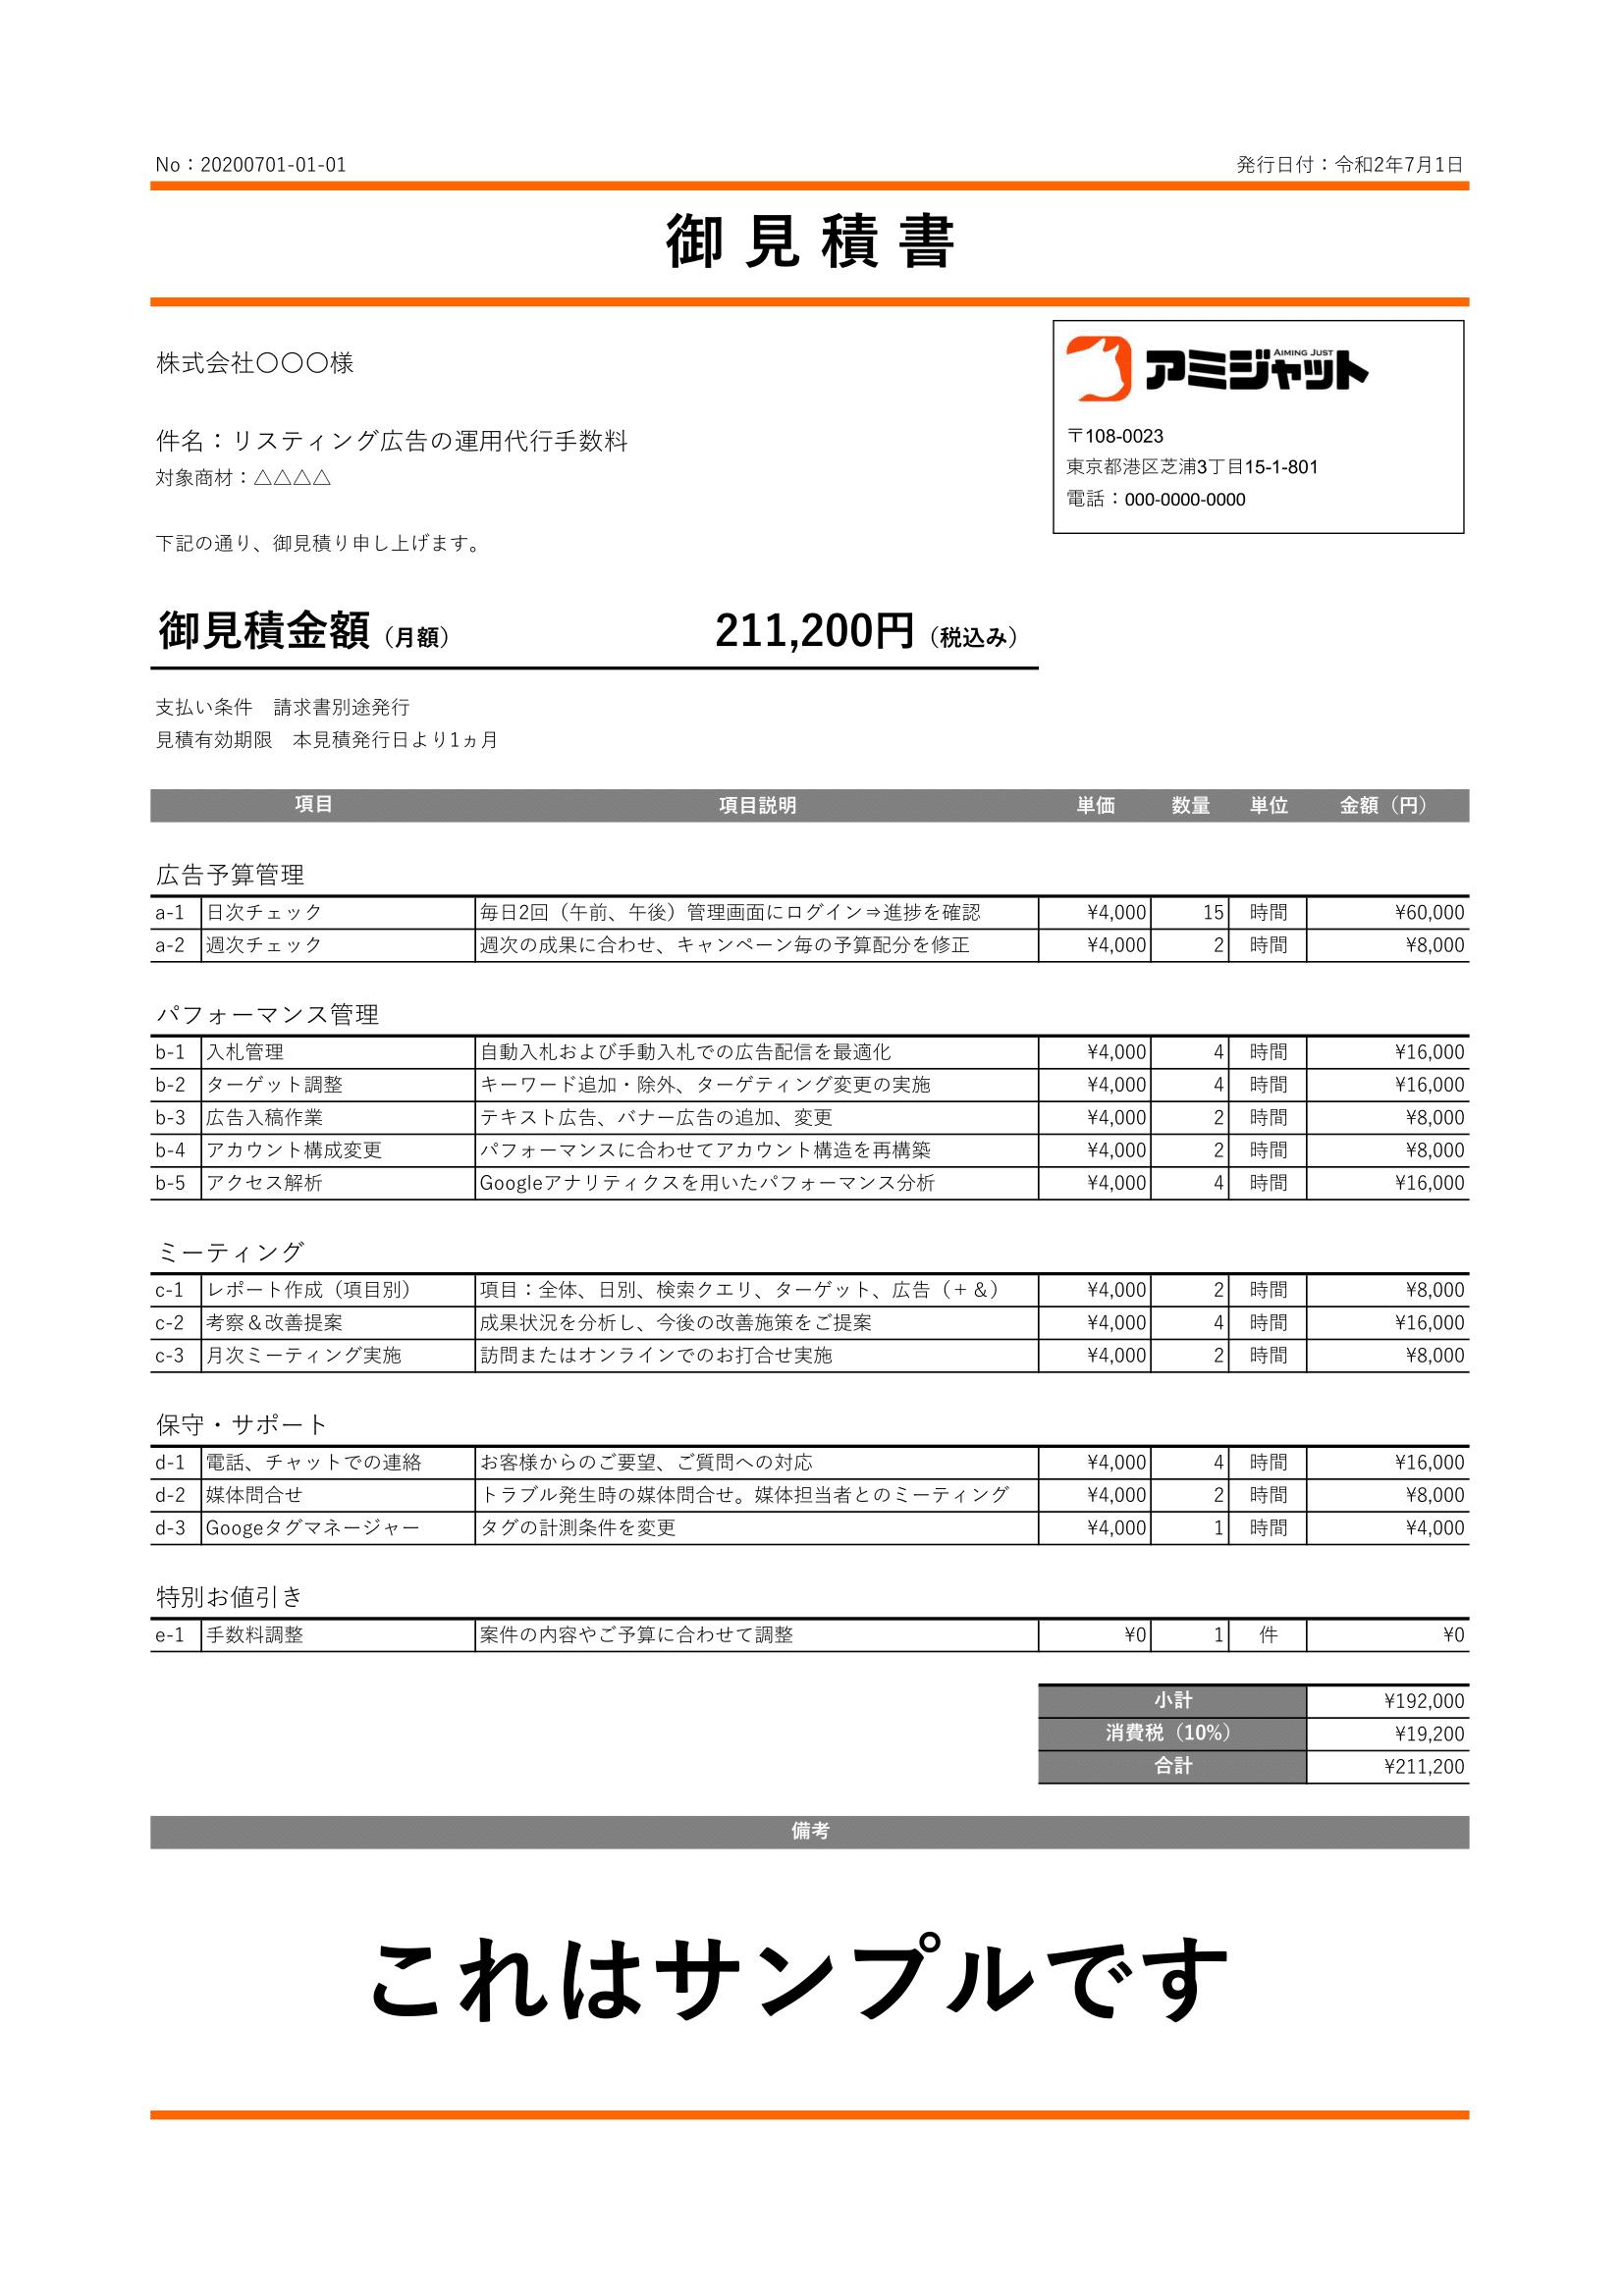 【サンプル】リスティング広告の手数料見積-1